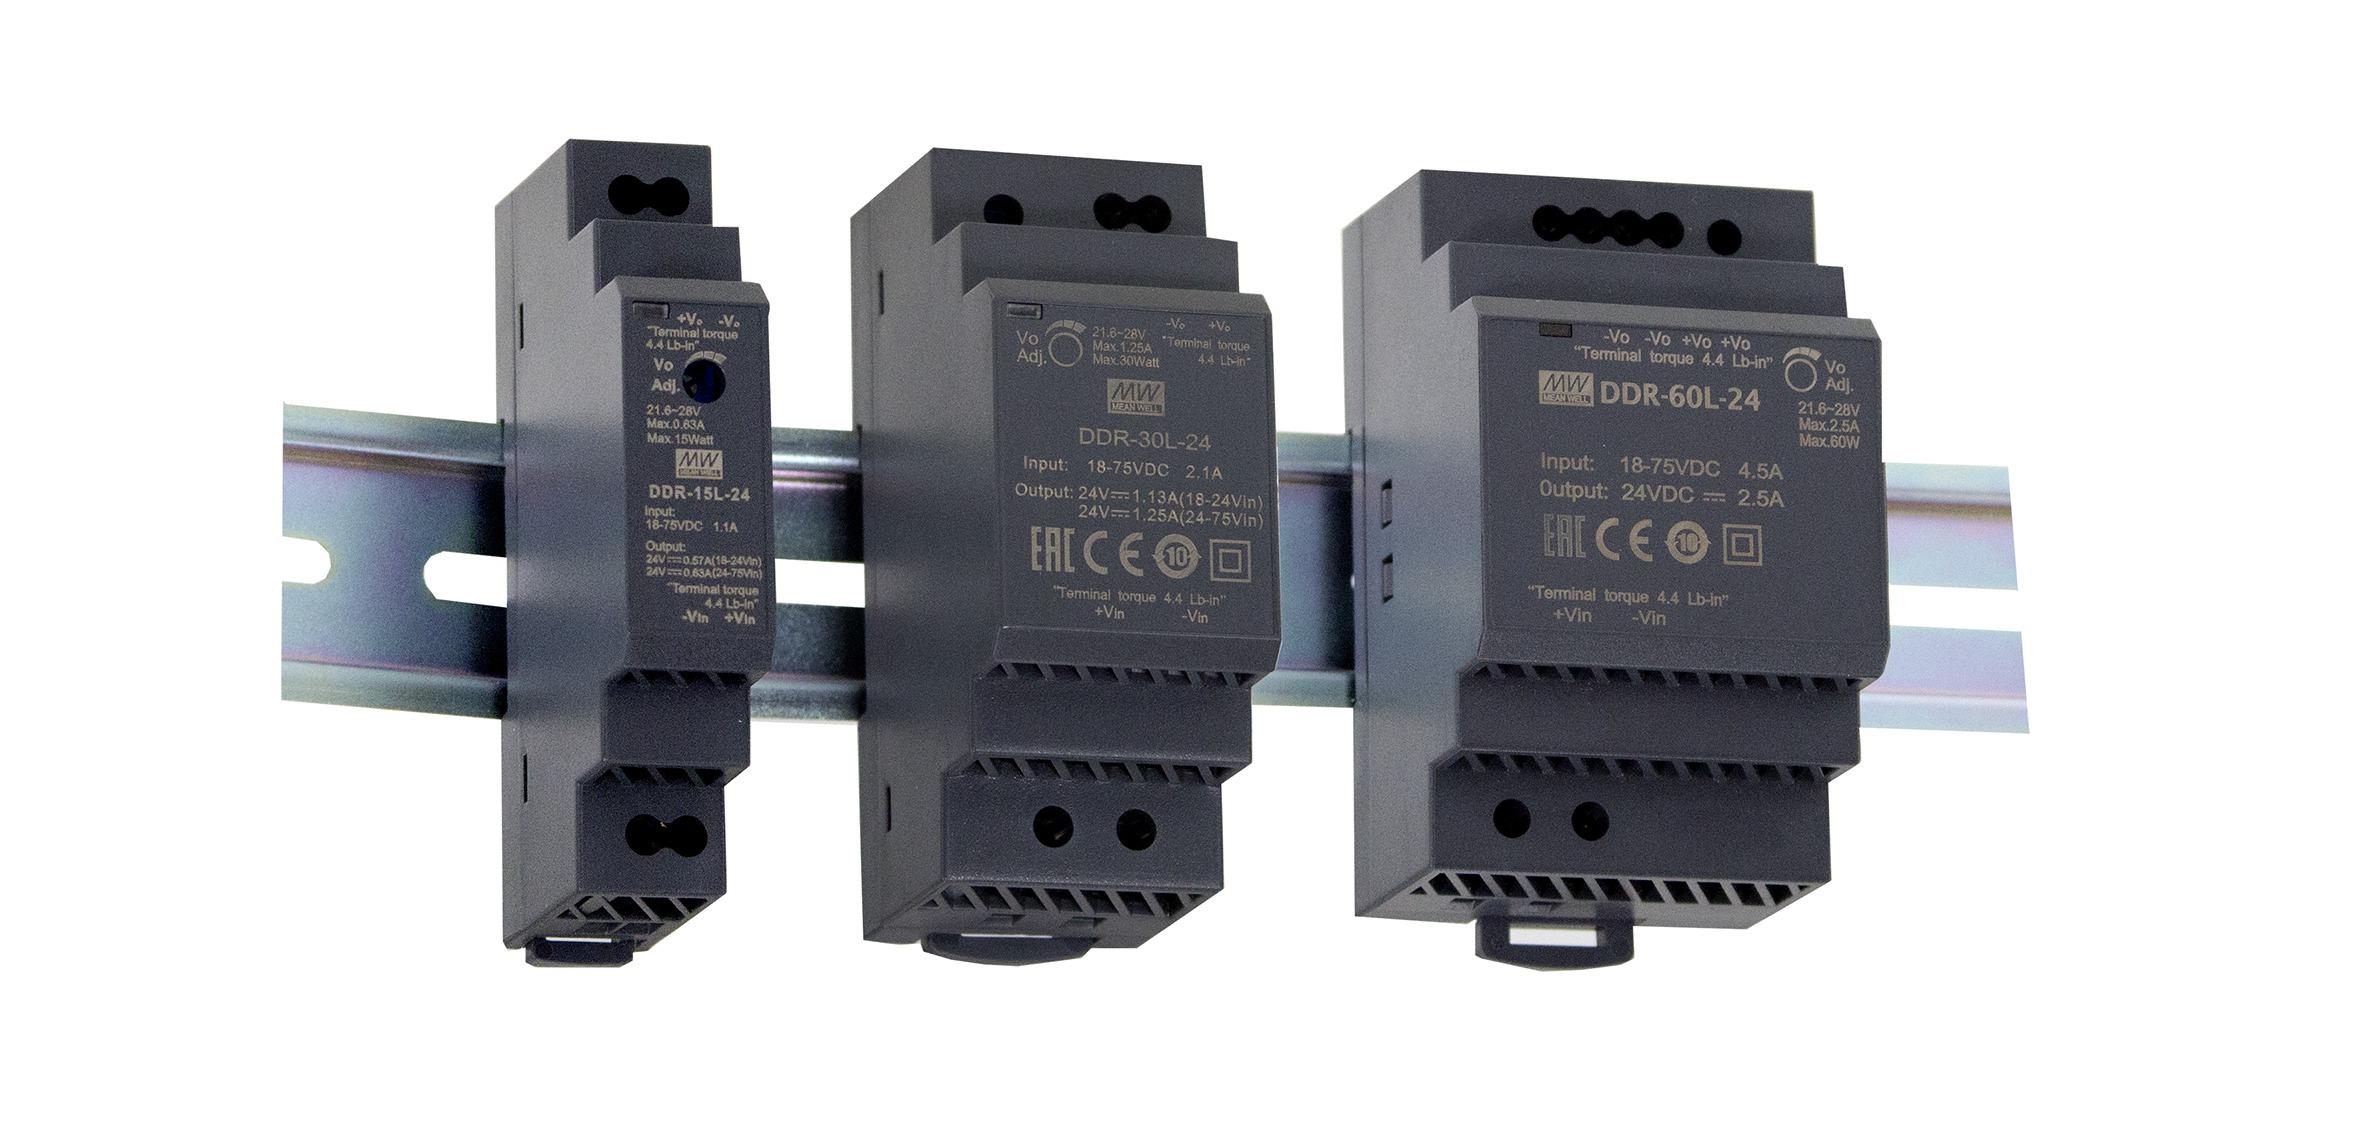 DDR 15, DDR 30 og DDR 60